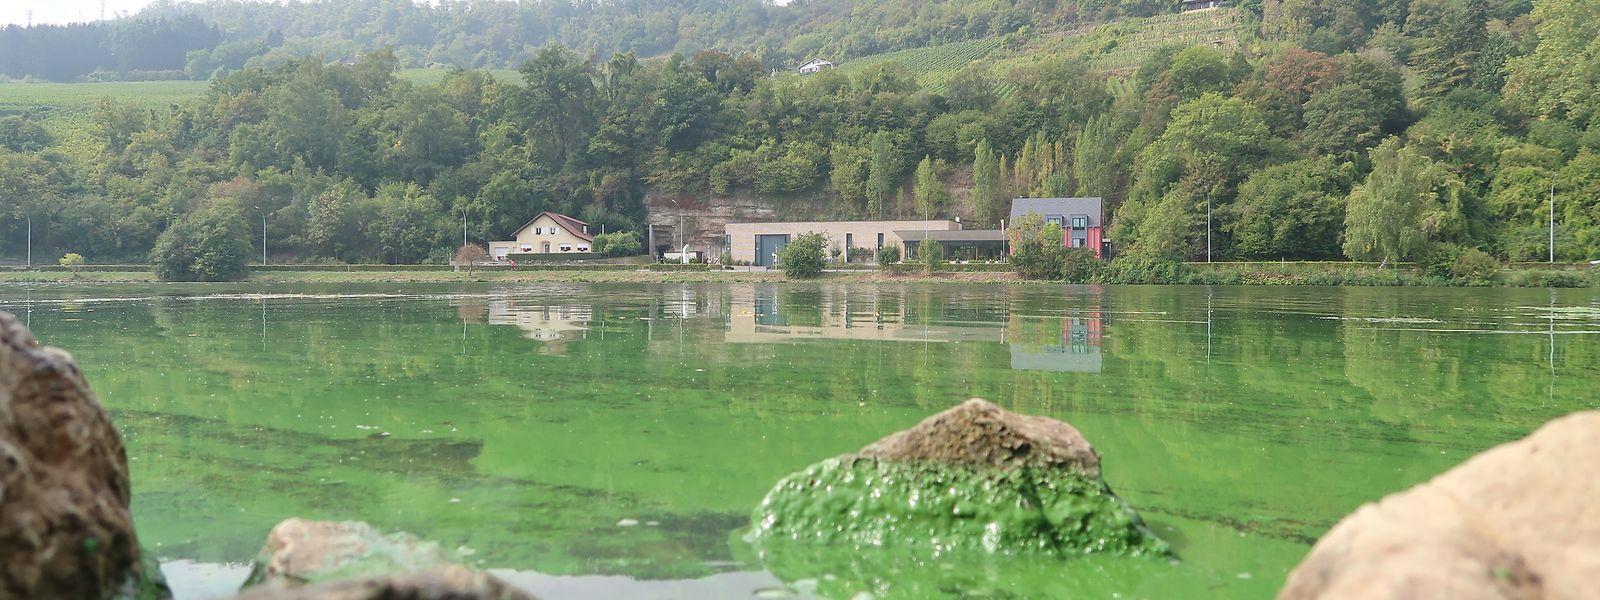 Sur les rives de la Moselle à Deisermillen près de Machtum, les algues bleues-vertes étaient bien visibles l'an dernier.